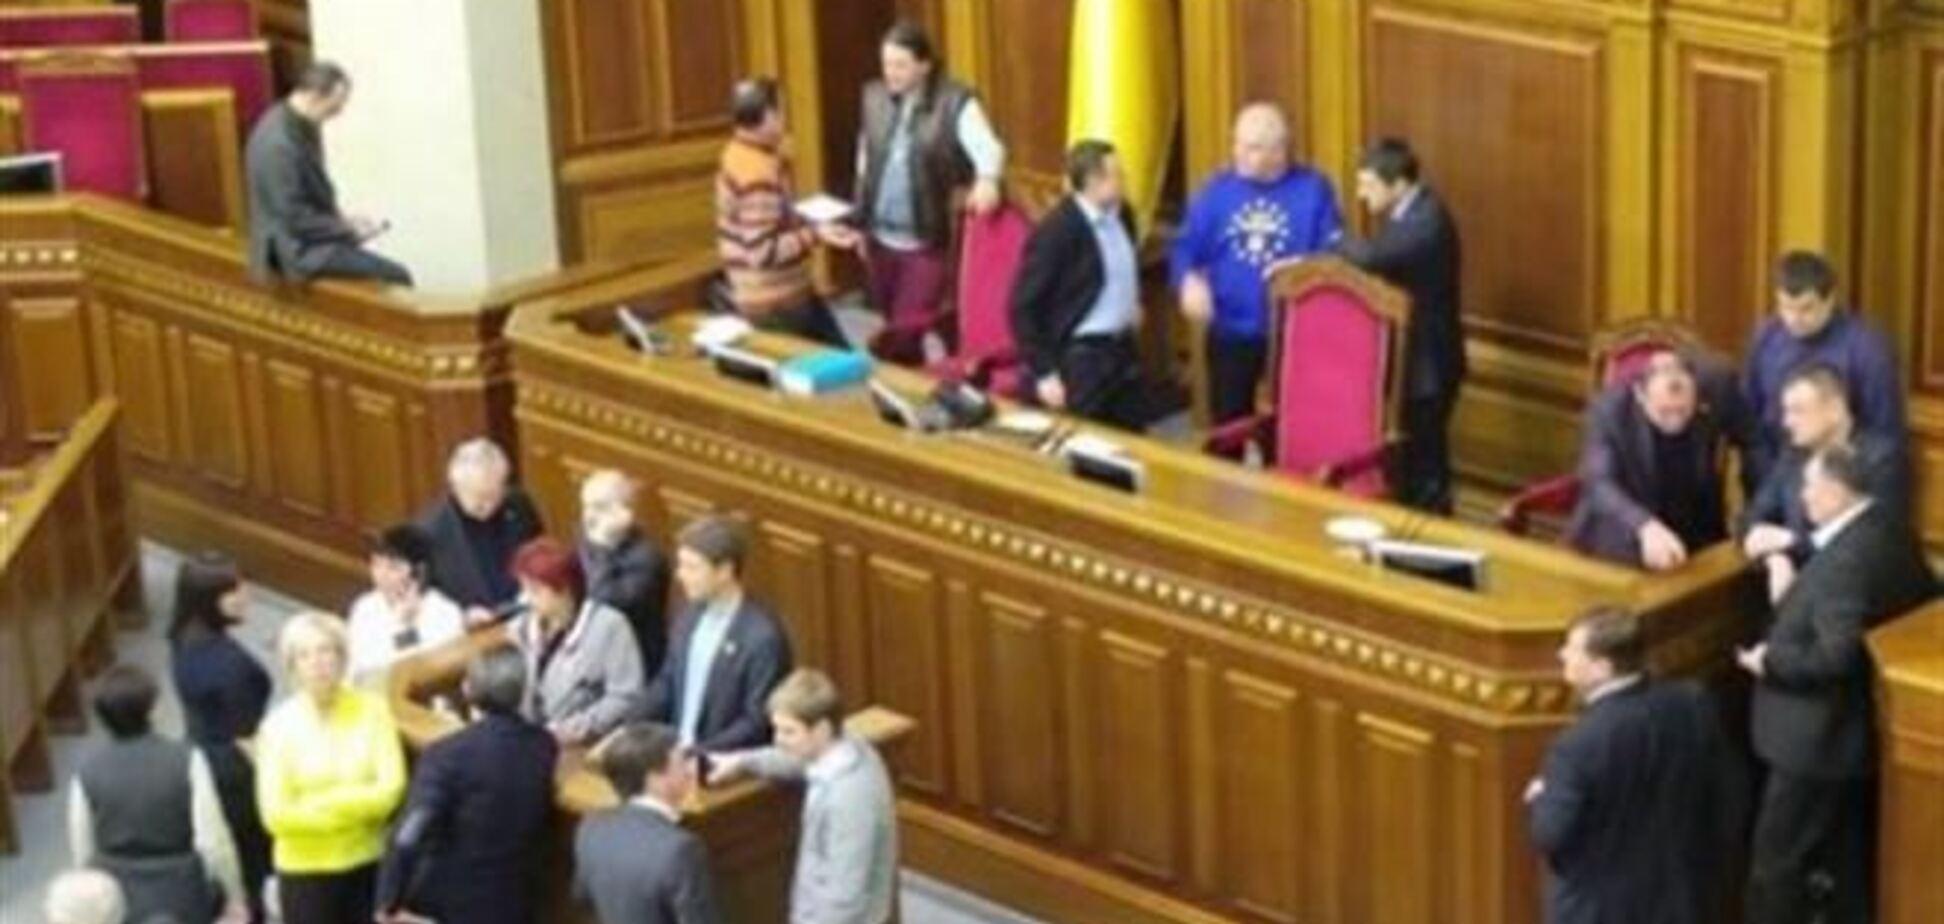 Опозиція знову заблокувала трибуну Ради